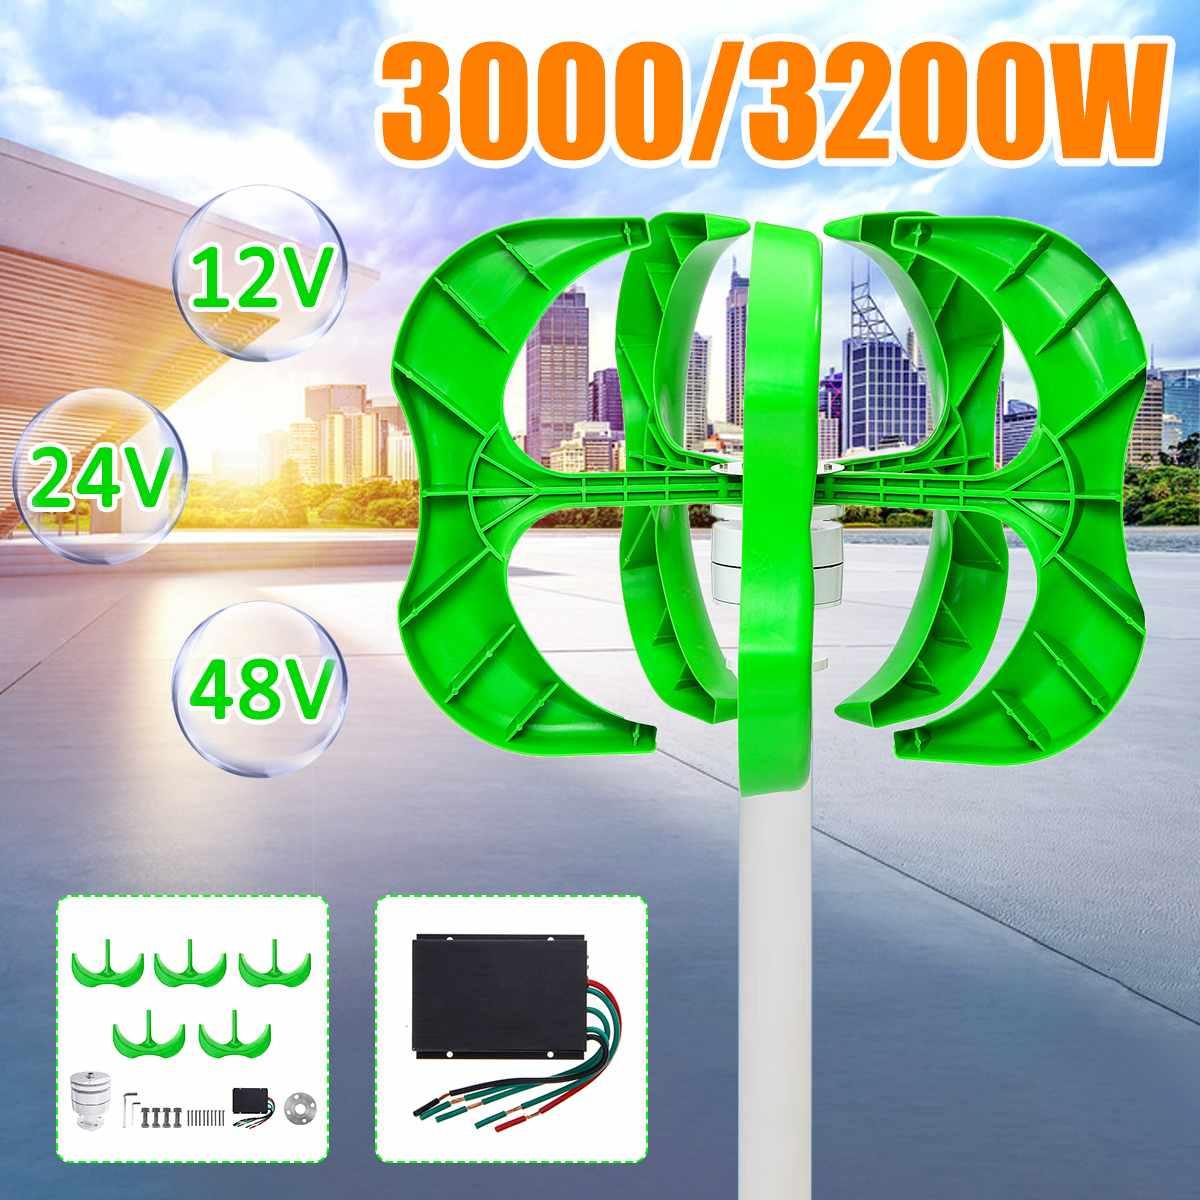 3200 W/3000 W éolienne 12/24/48V 5 pales générateur lanterne éoliennes axe Vertical pour lampadaire domestique + contrôleur